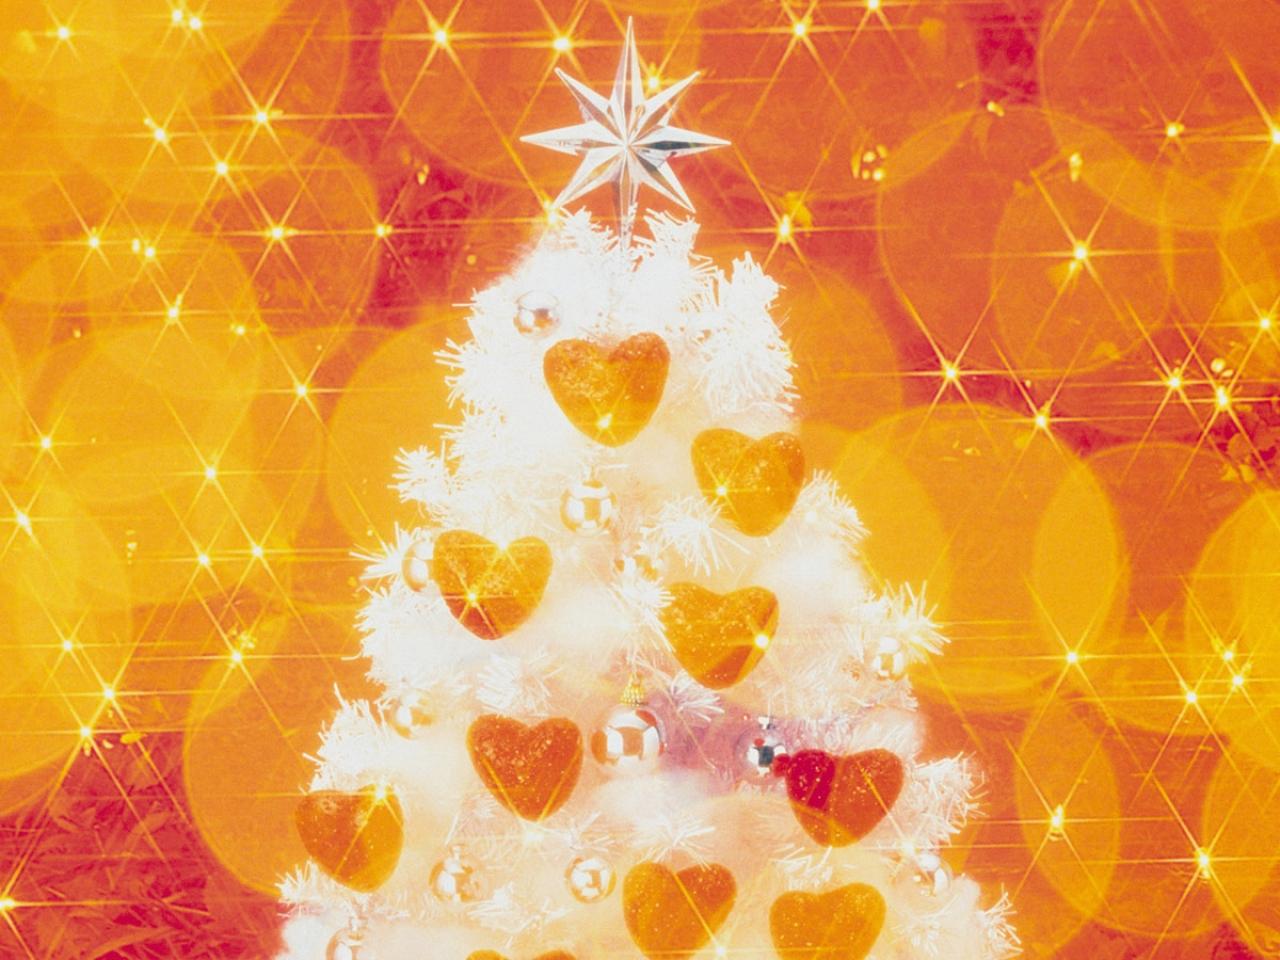 Fondo naranja con arbol de navidad - 1280x960